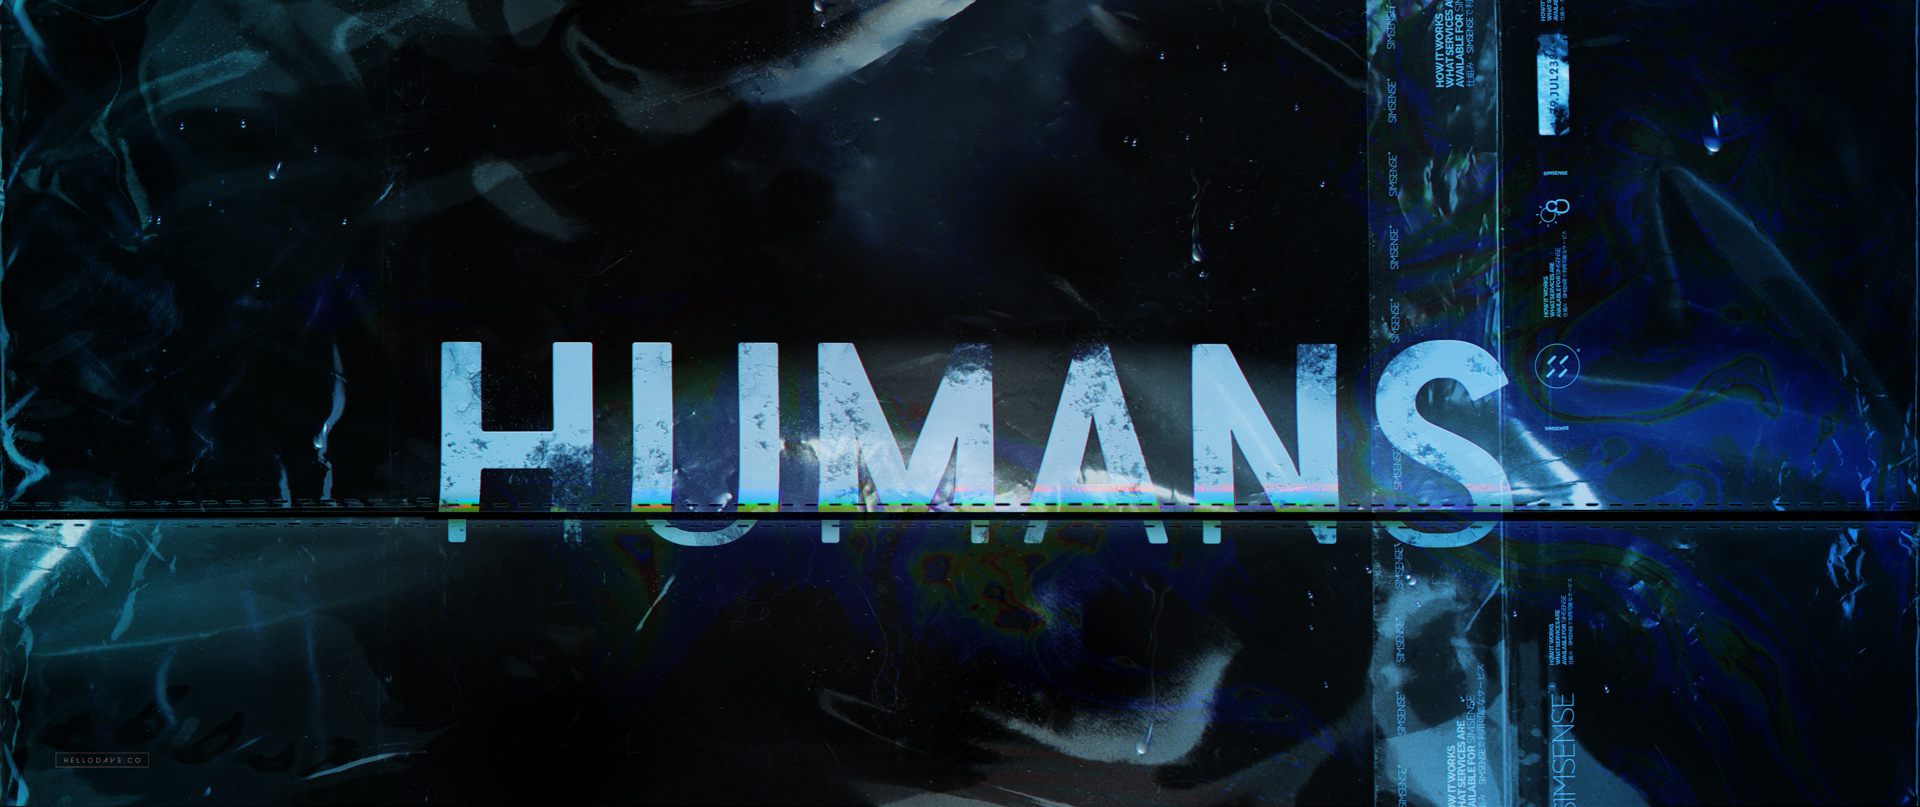 Humans_09_FHD_a-1